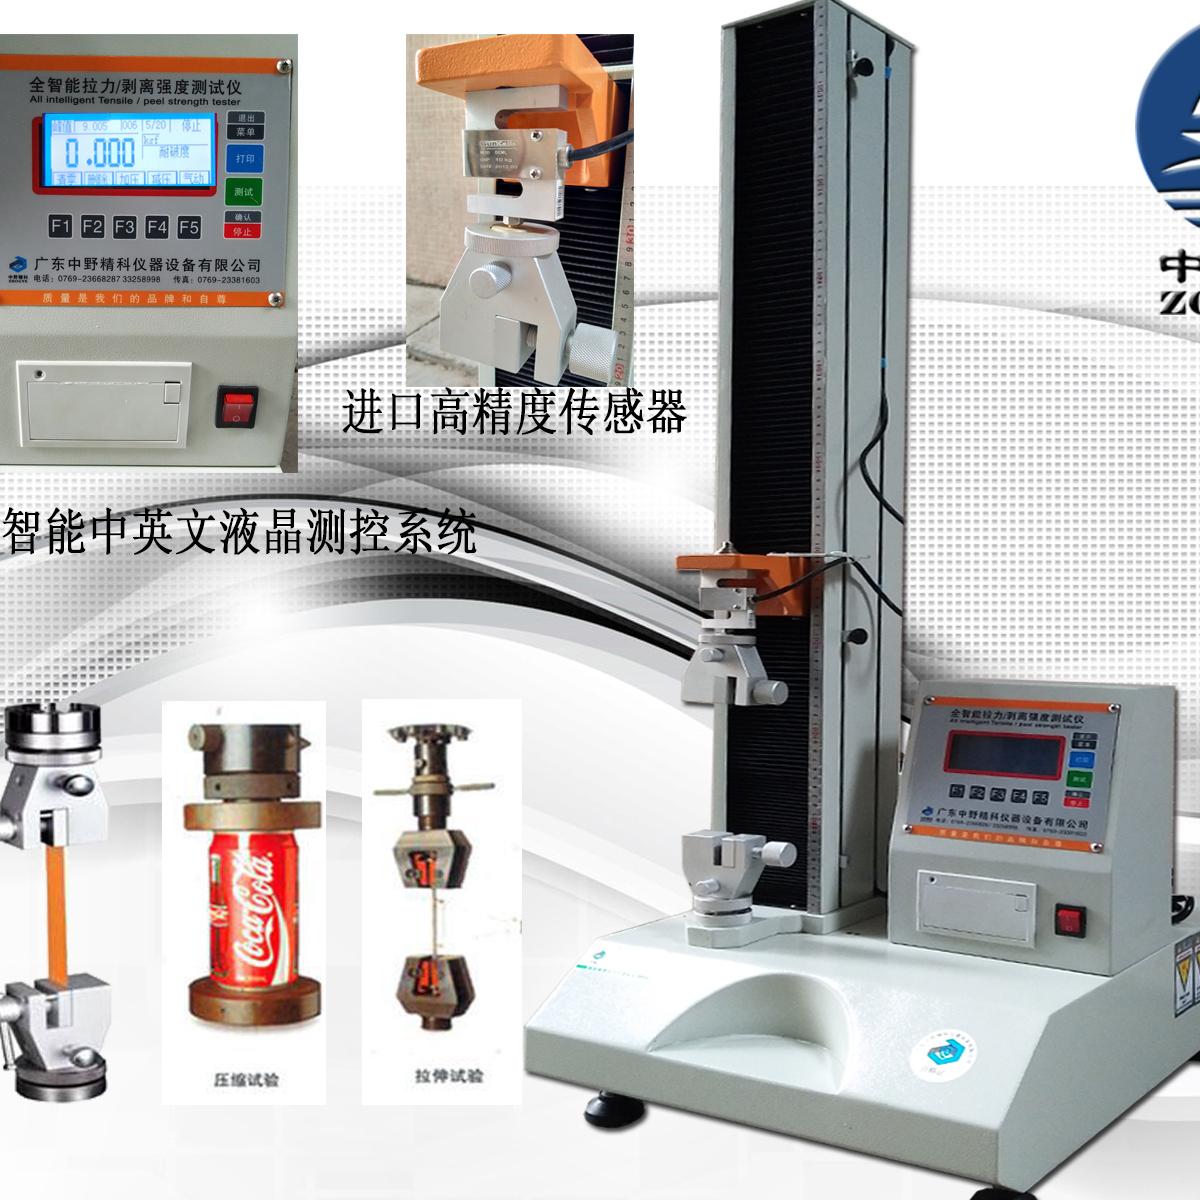 高精度实验室抗张强度实验机实验仪拉伸仪 中益创天